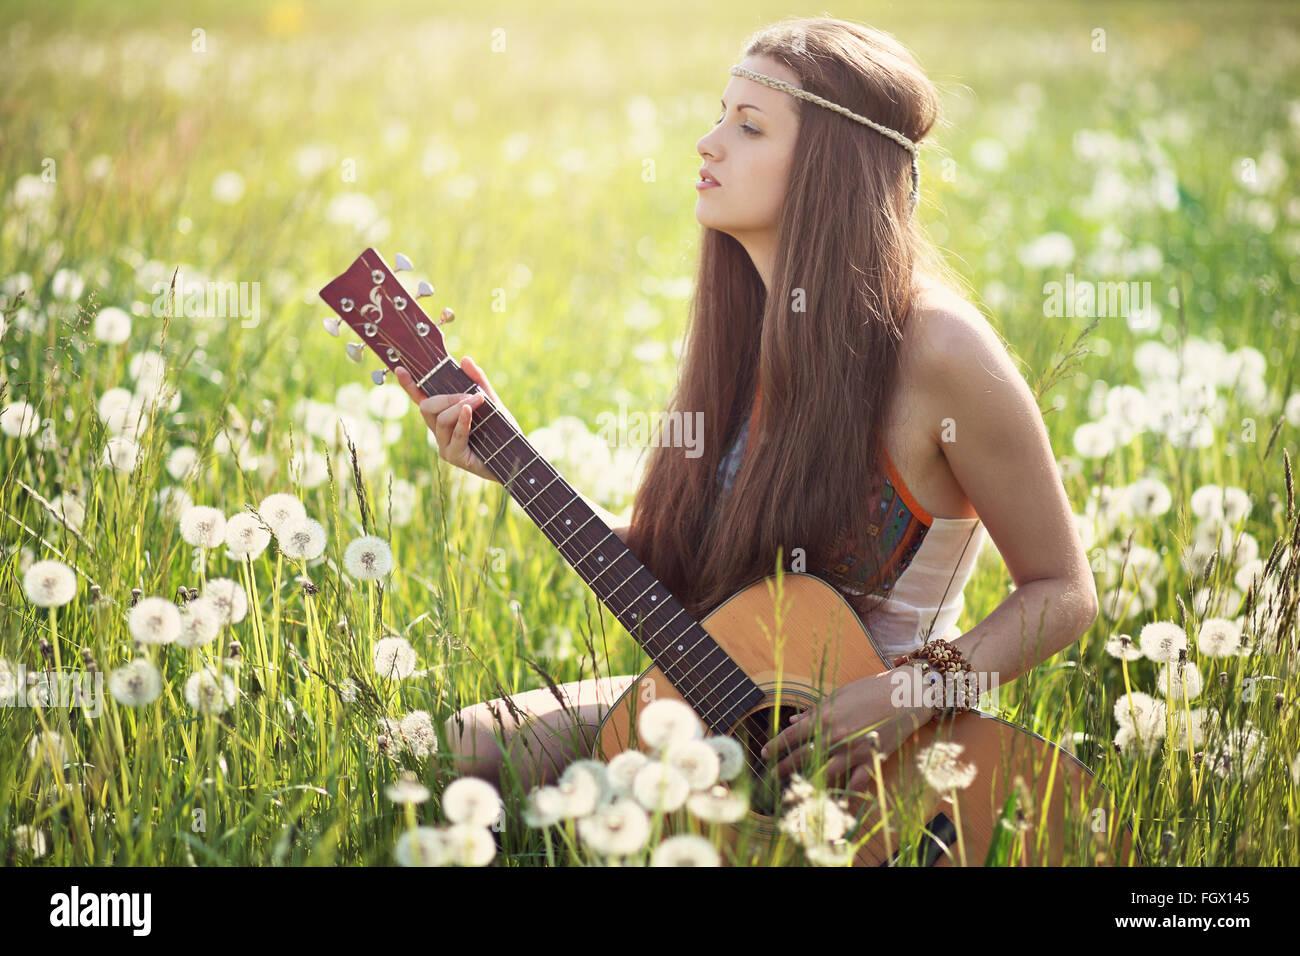 Hippie donna con chitarra in prato estivo . L'armonia della natura Immagini Stock